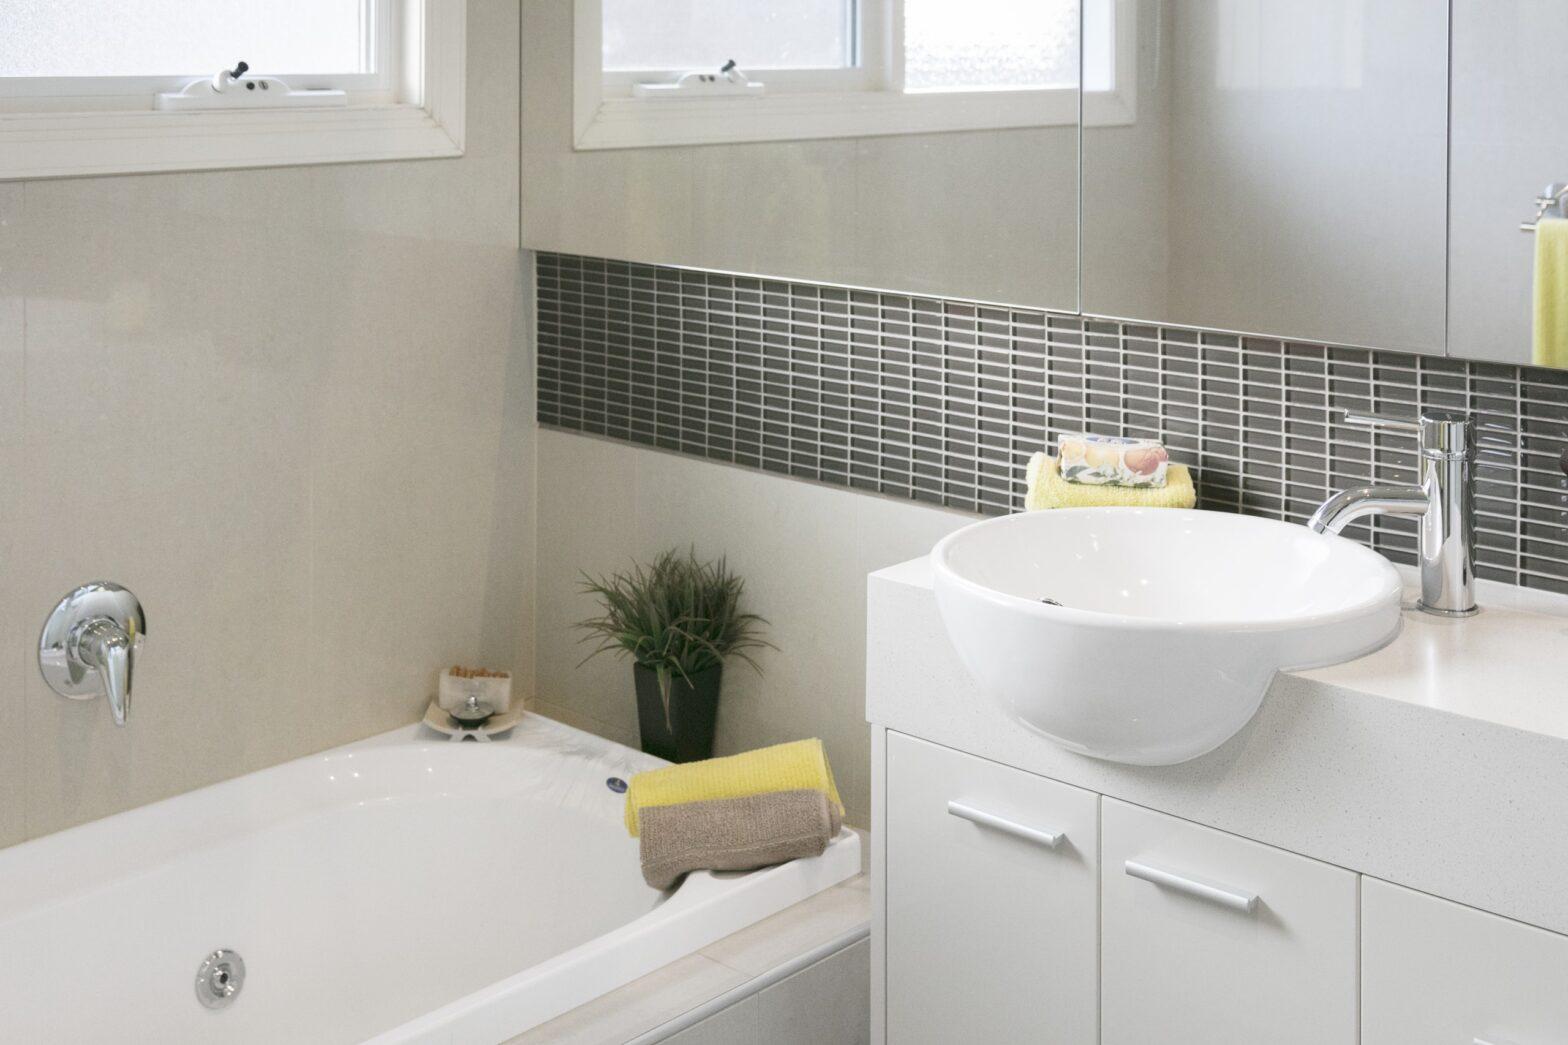 cuánto cuesta reformar un baño de 5 m2